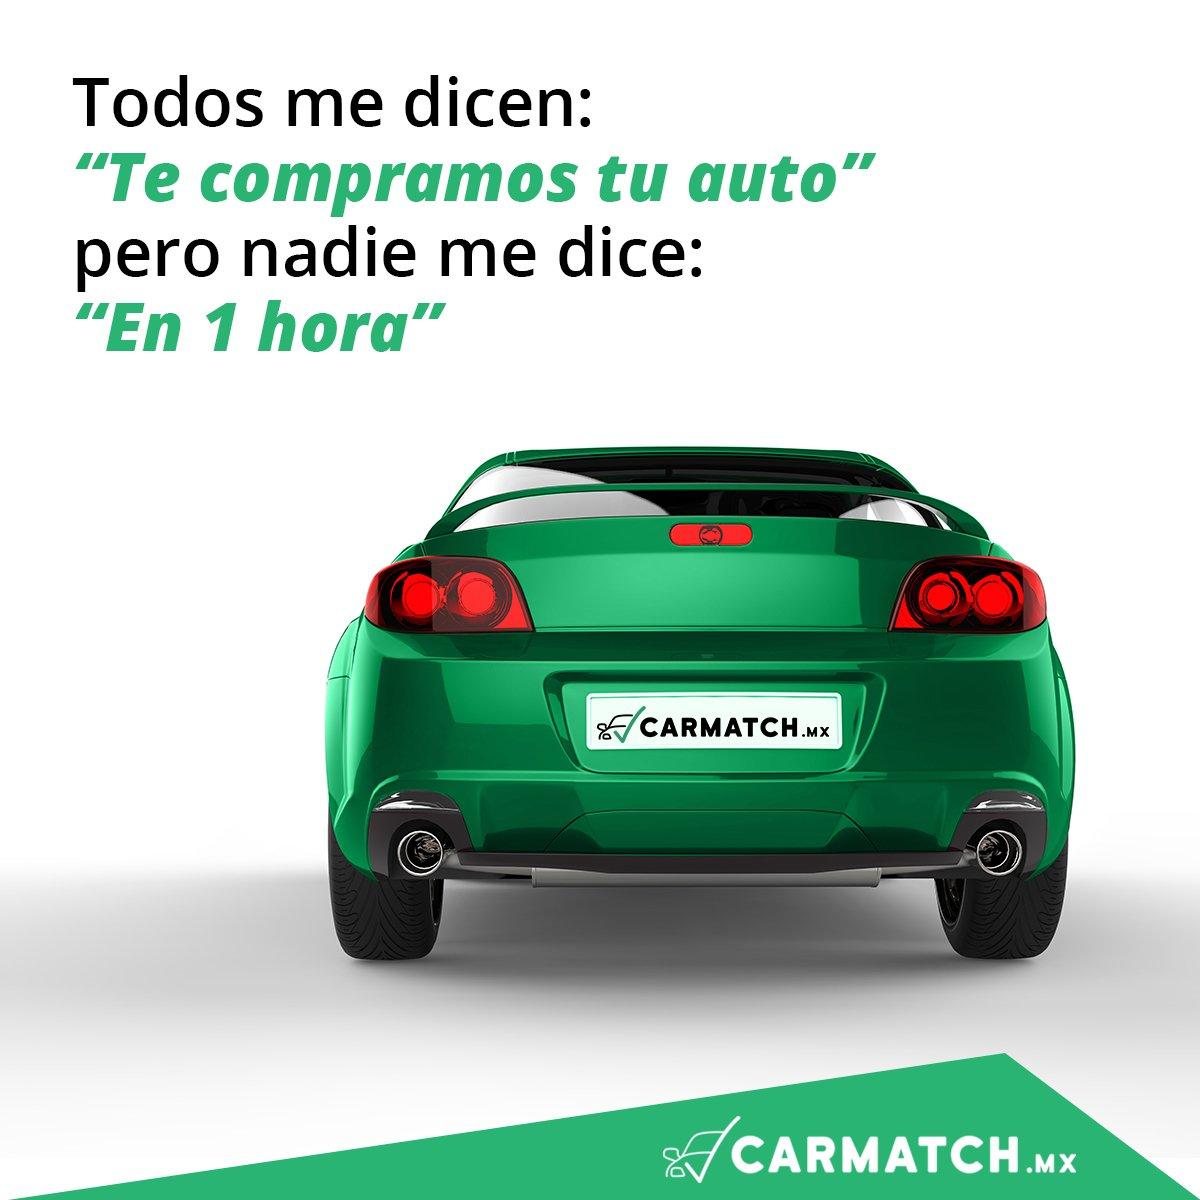 Conoce CarmatchMx, donde compramos tu auto en 1 hora 😉  Cotiza tu auto aquí y agenda tu cita ¡ahora!https://t.co/V5DsH2Cy0o https://t.co/FTpeknuMIP